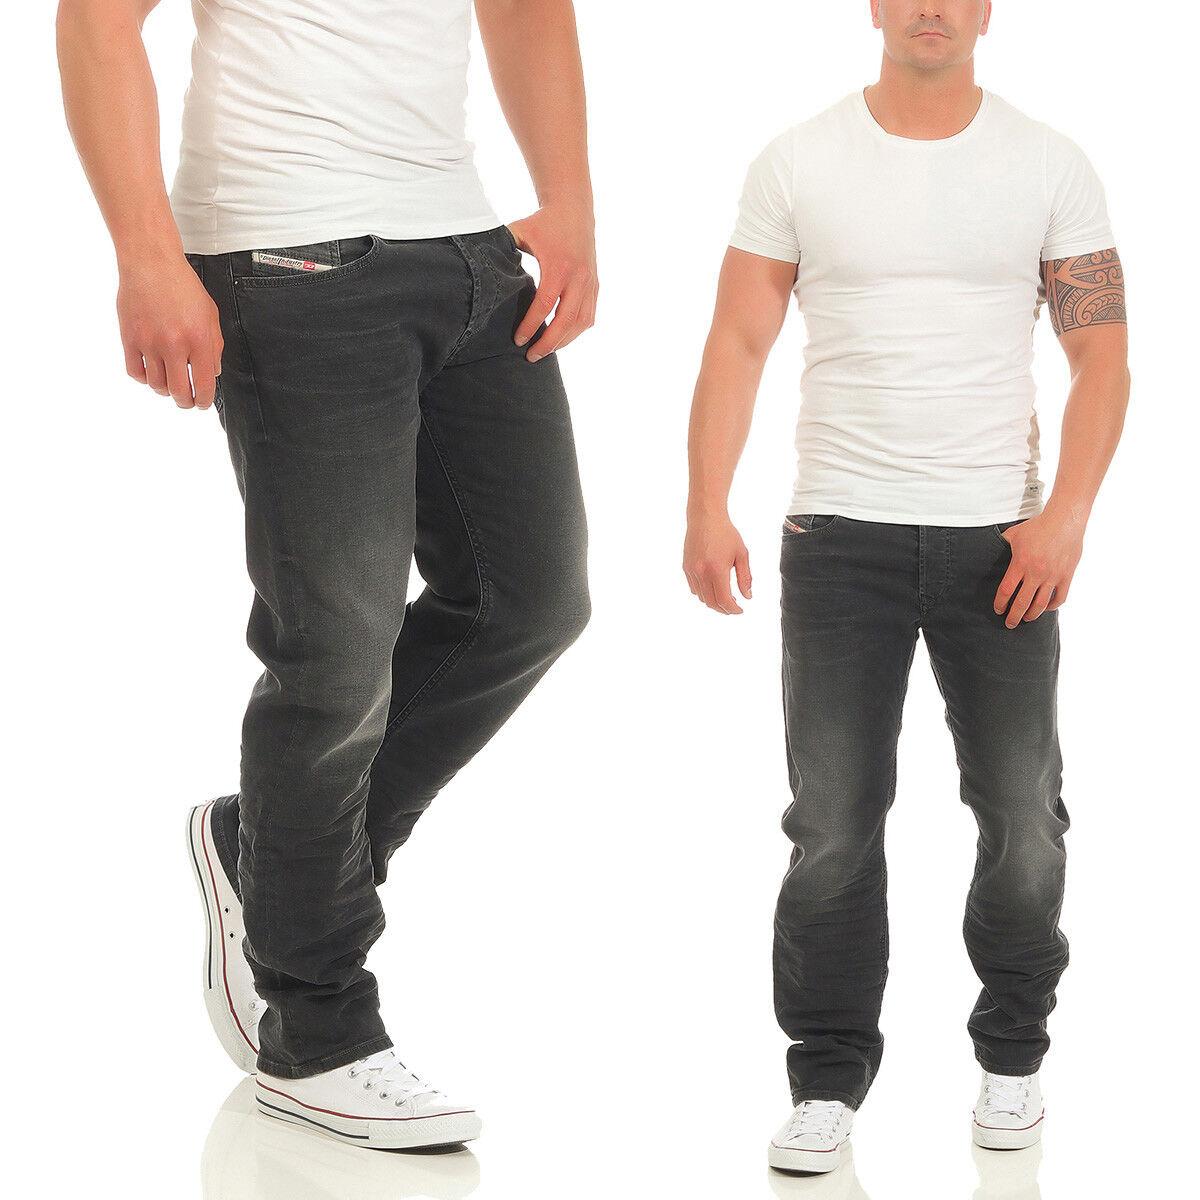 Diesel Herren Jeans Waykee R9F66 Stretch Hose Regular Straight Straight Straight grau Anthrazit | Bunt,  | Good Design  9638c0